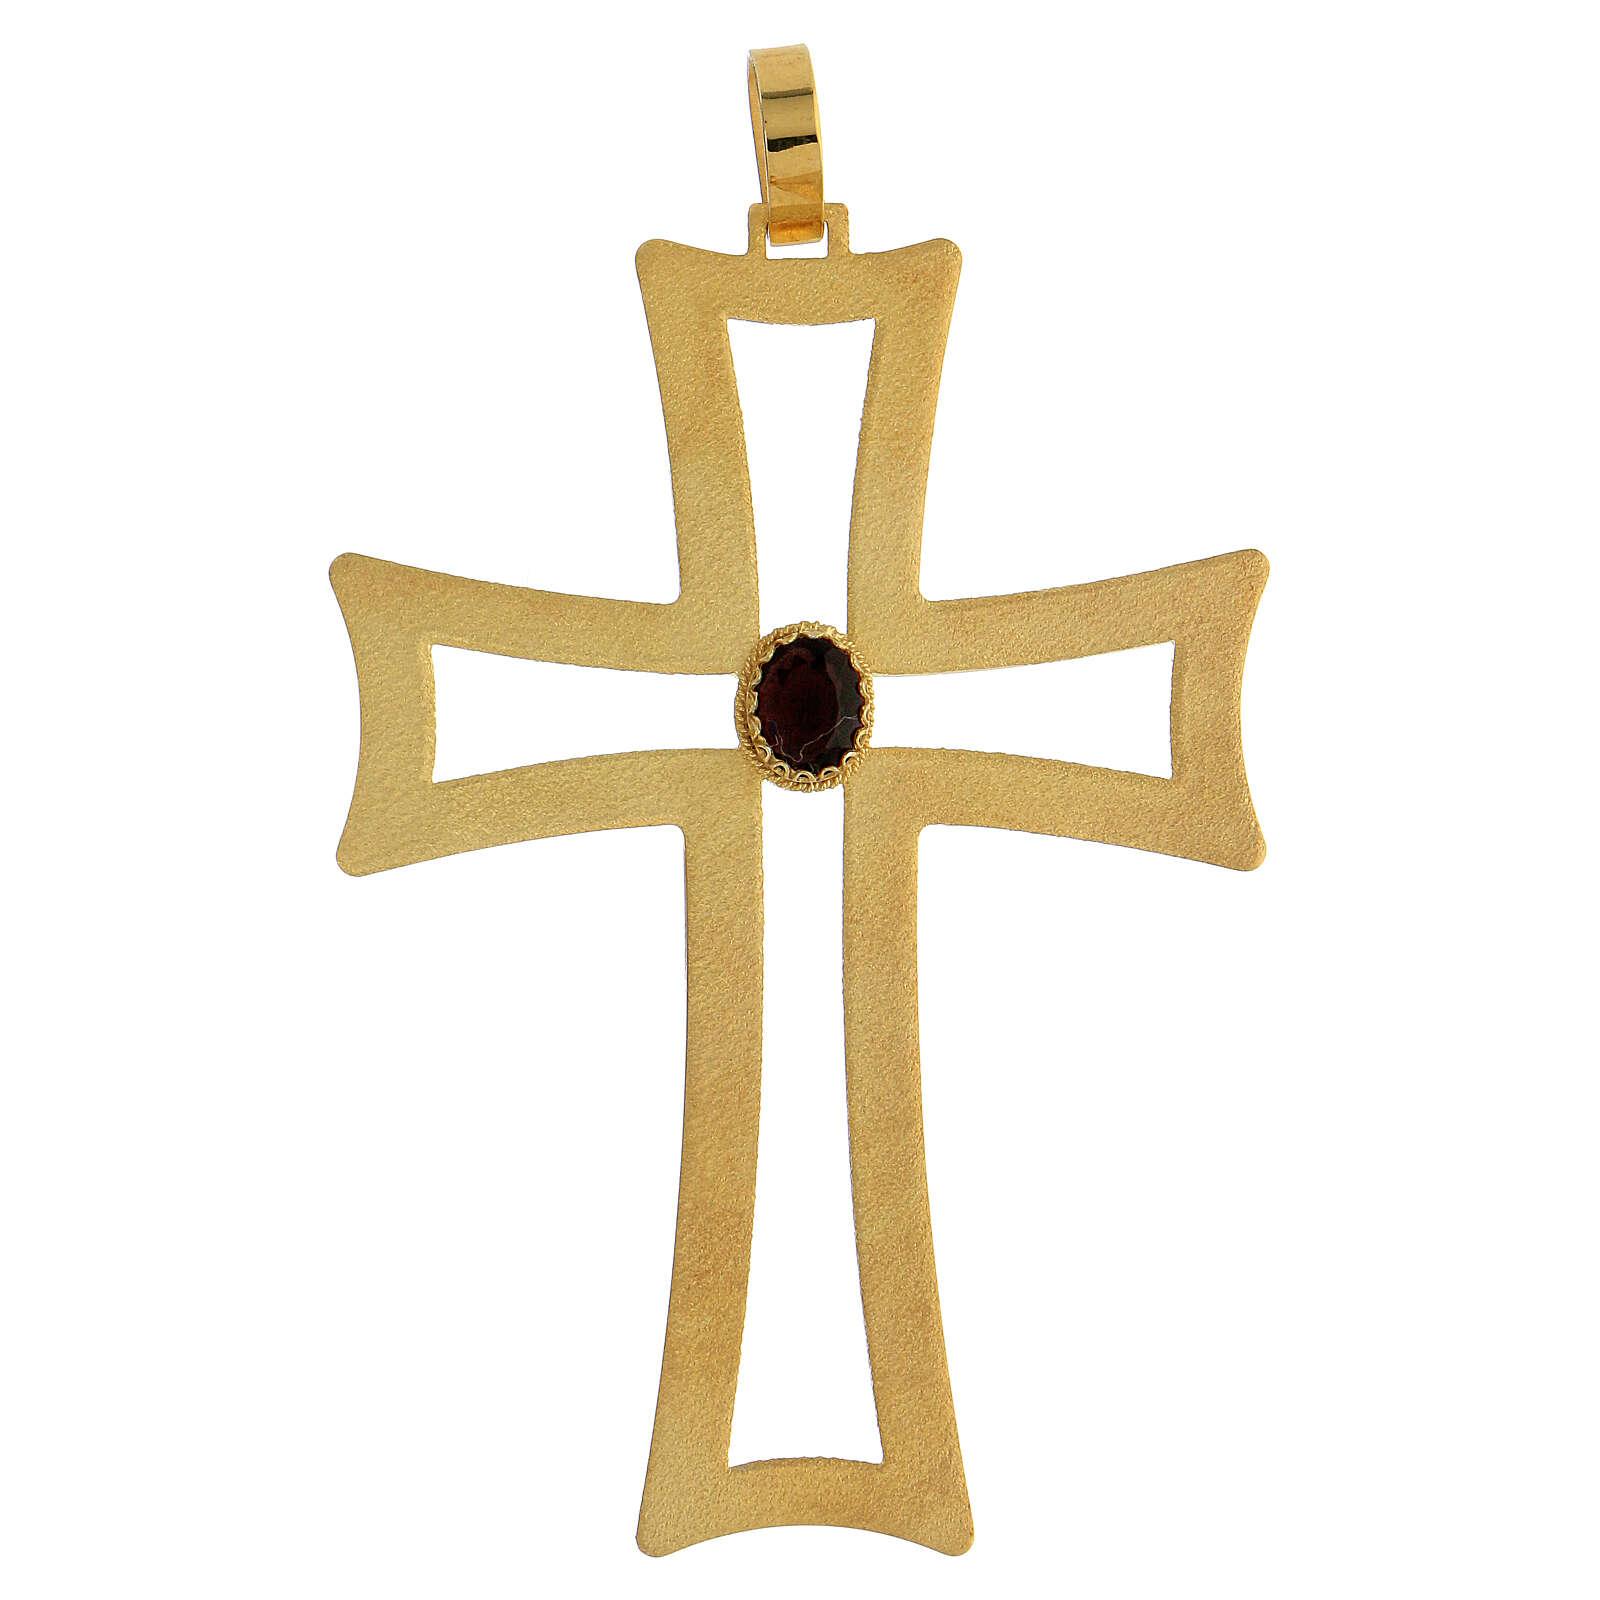 Croce vescovo traforata argento 925 dorato satinato ametista 3